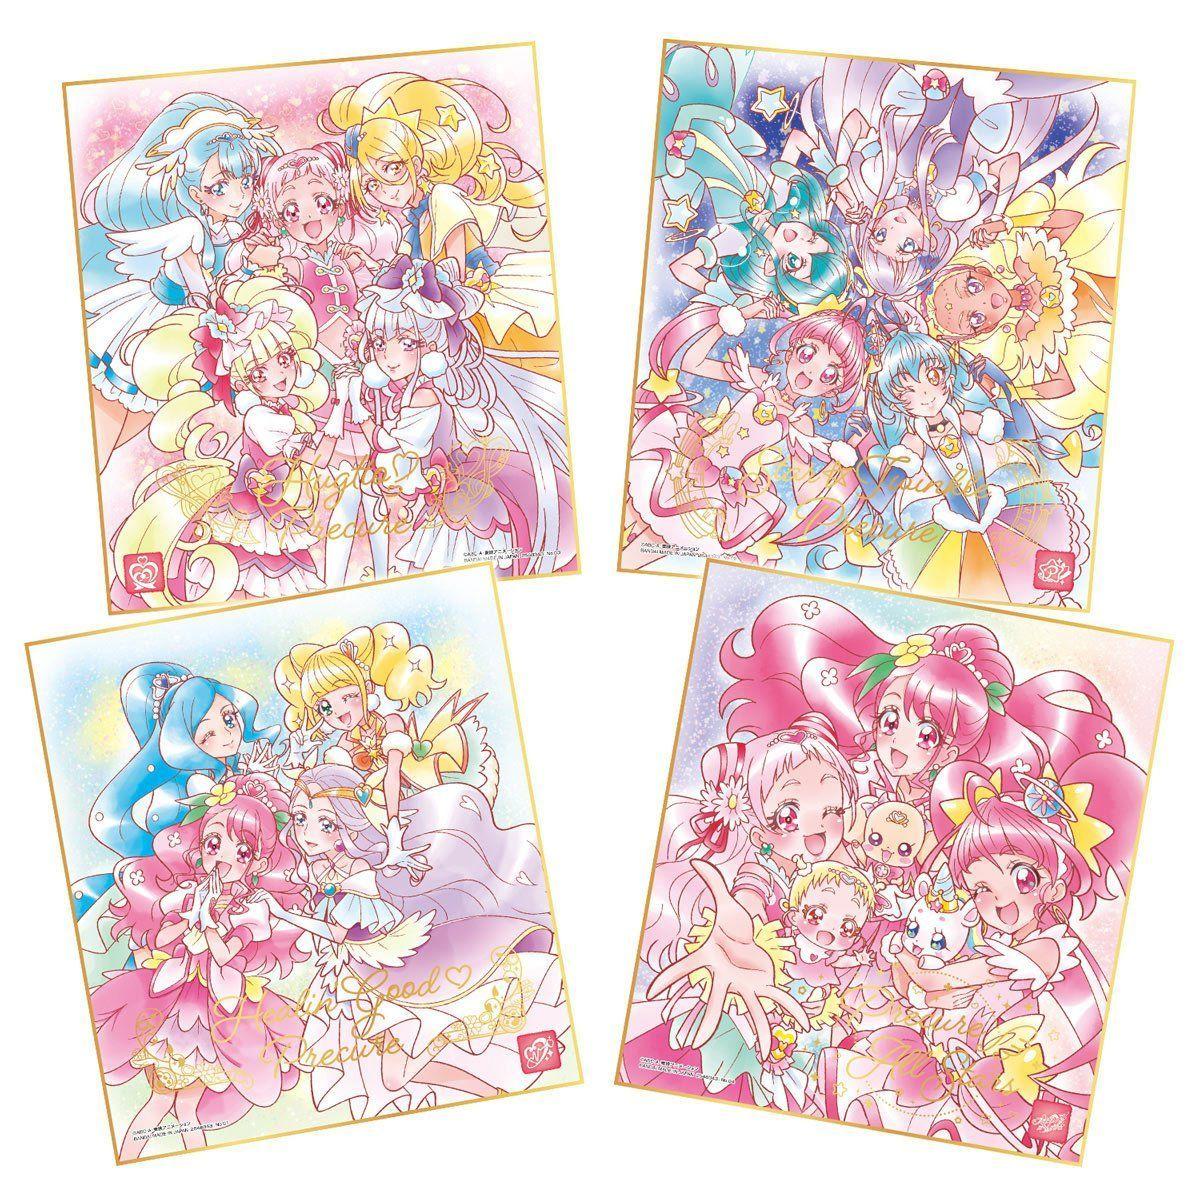 プリキュア色紙ART-メモリアルセット-【プレミアムバンダイ限定】_0